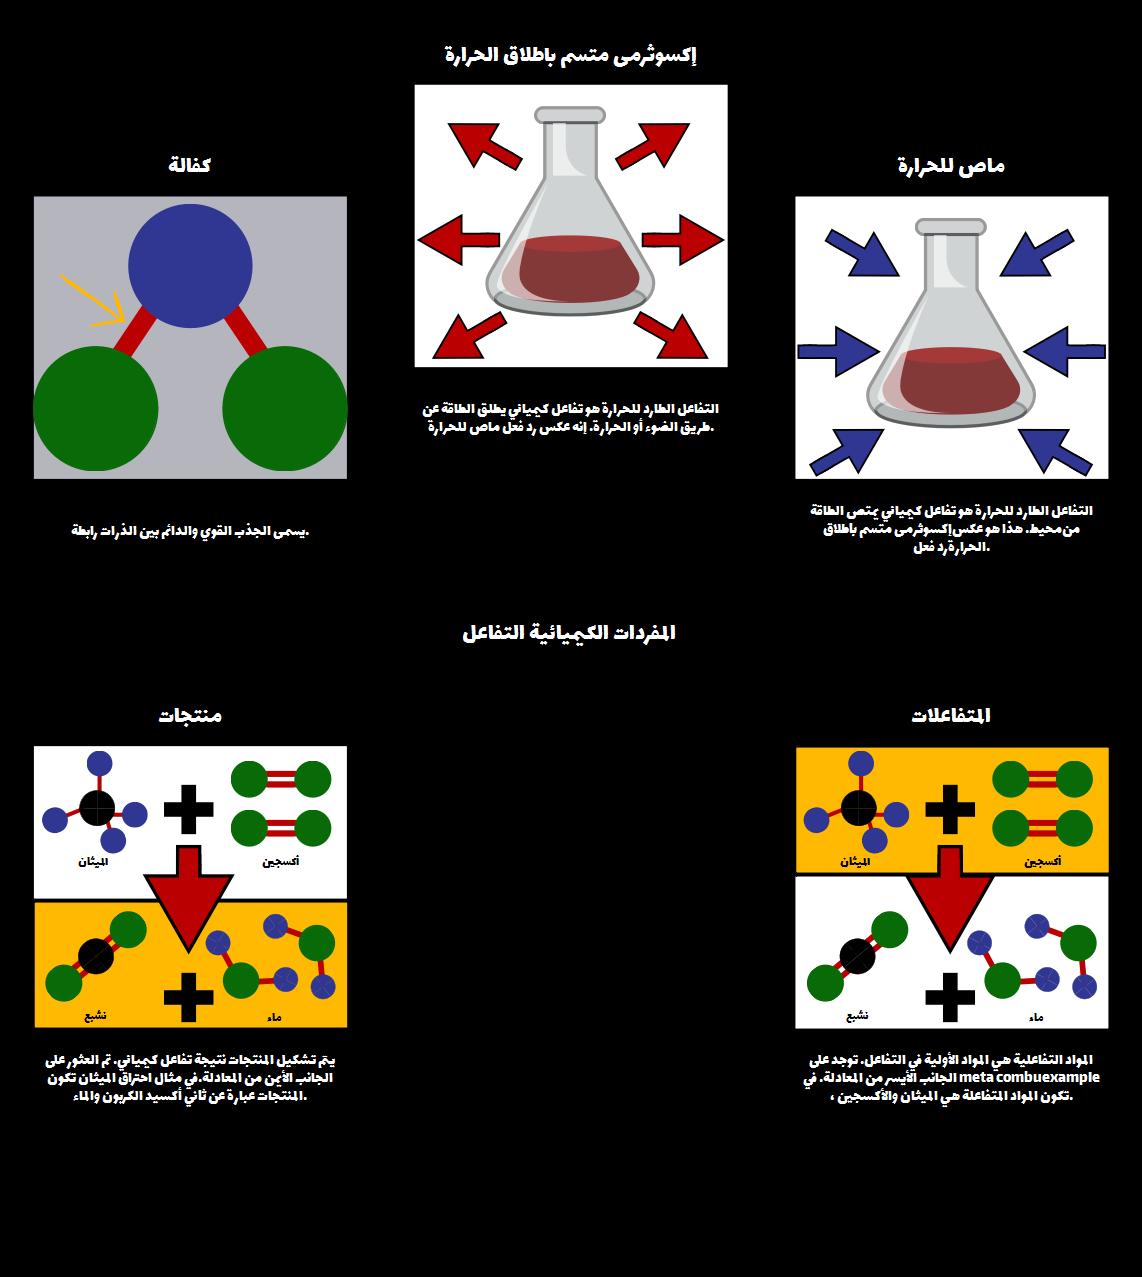 المفردات الكيميائية التفاعل